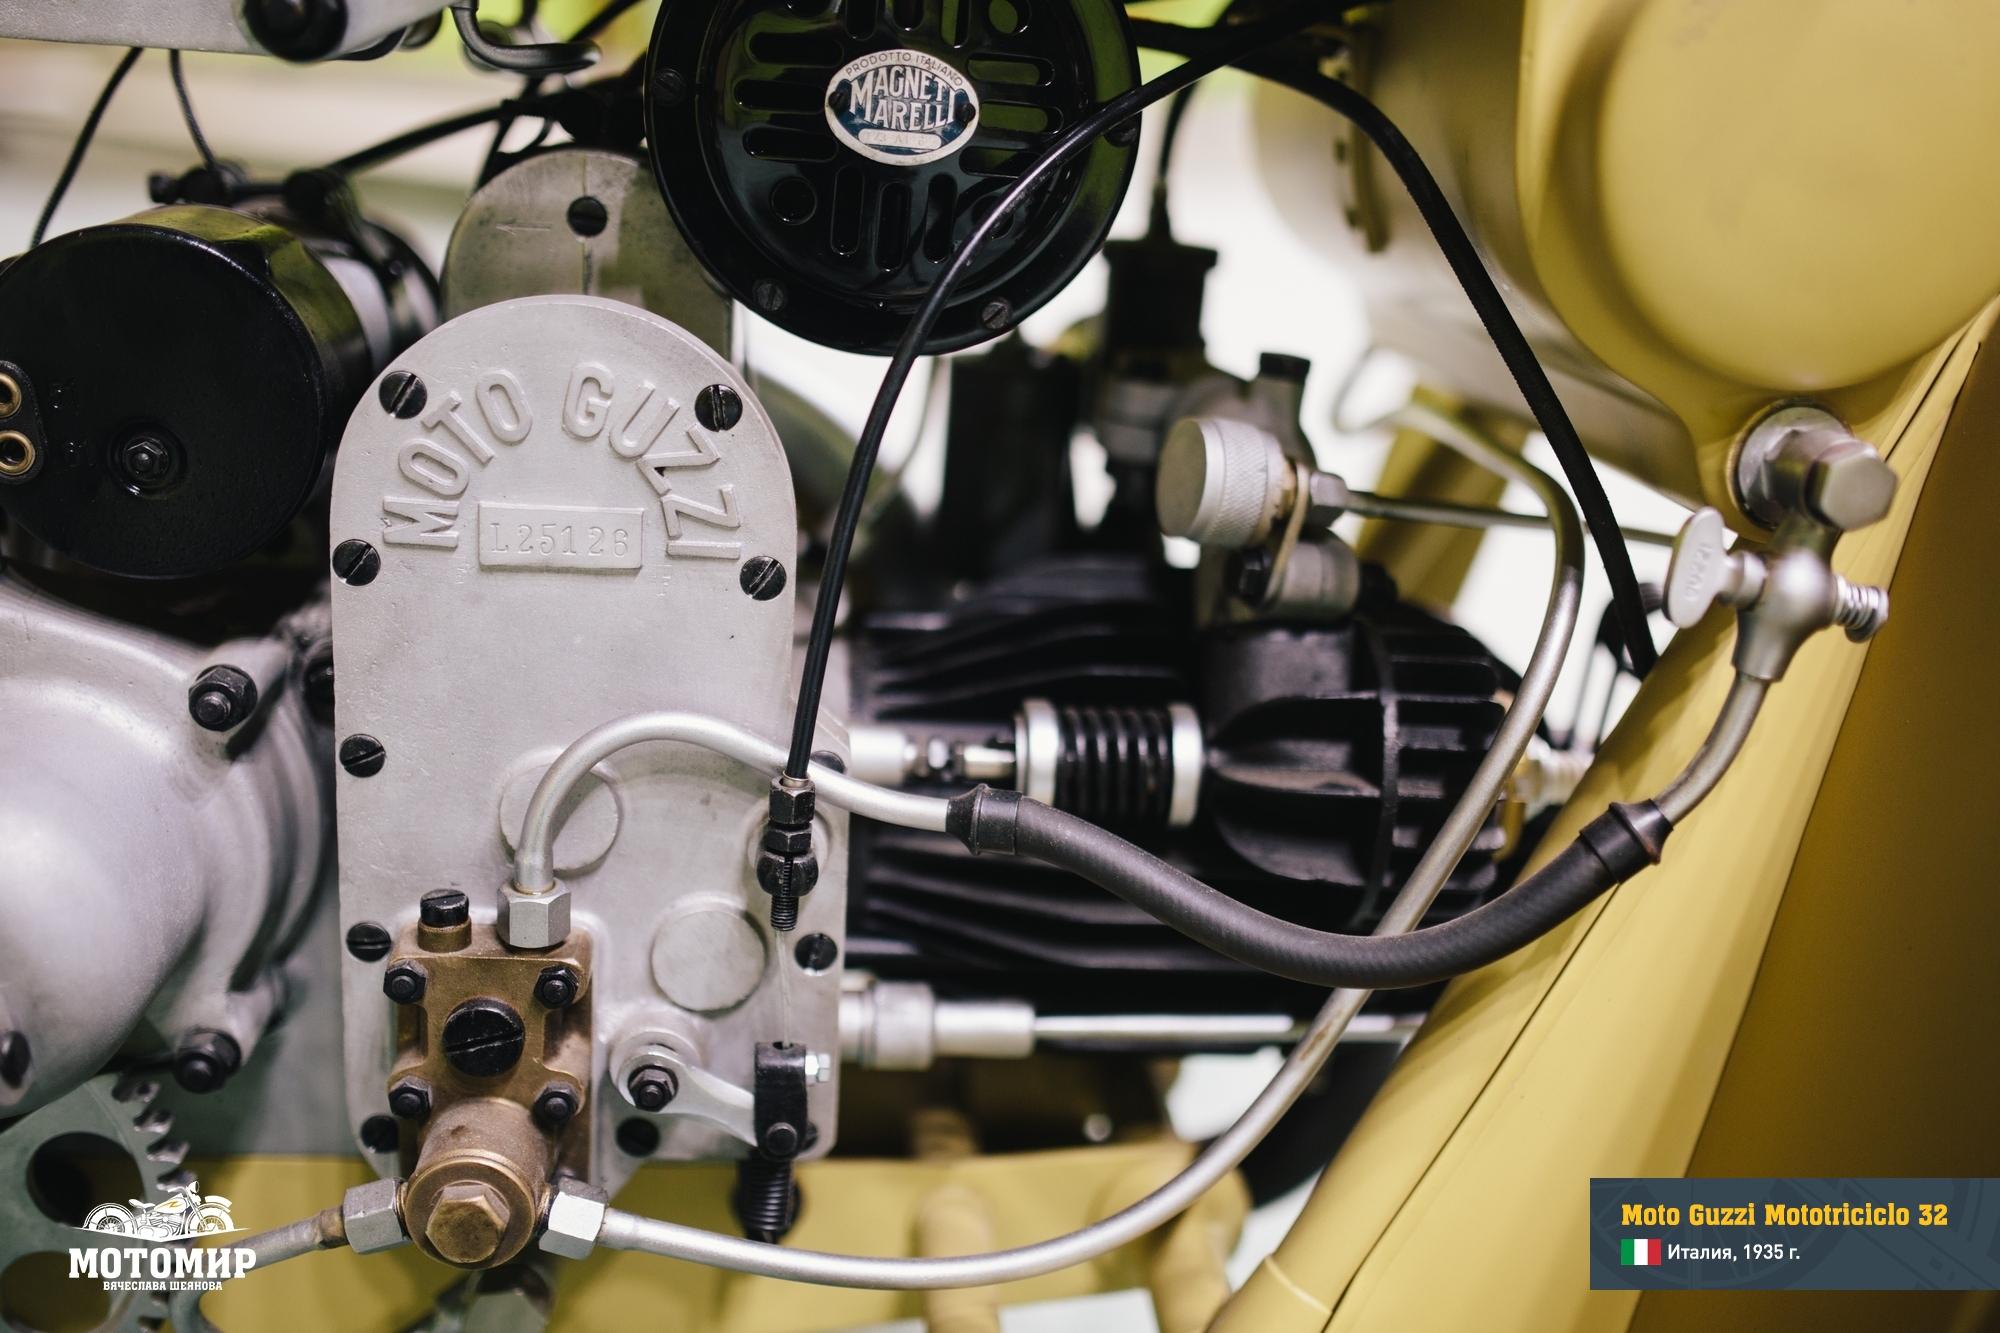 moto-guzzi-mototriciclo-32-web-28